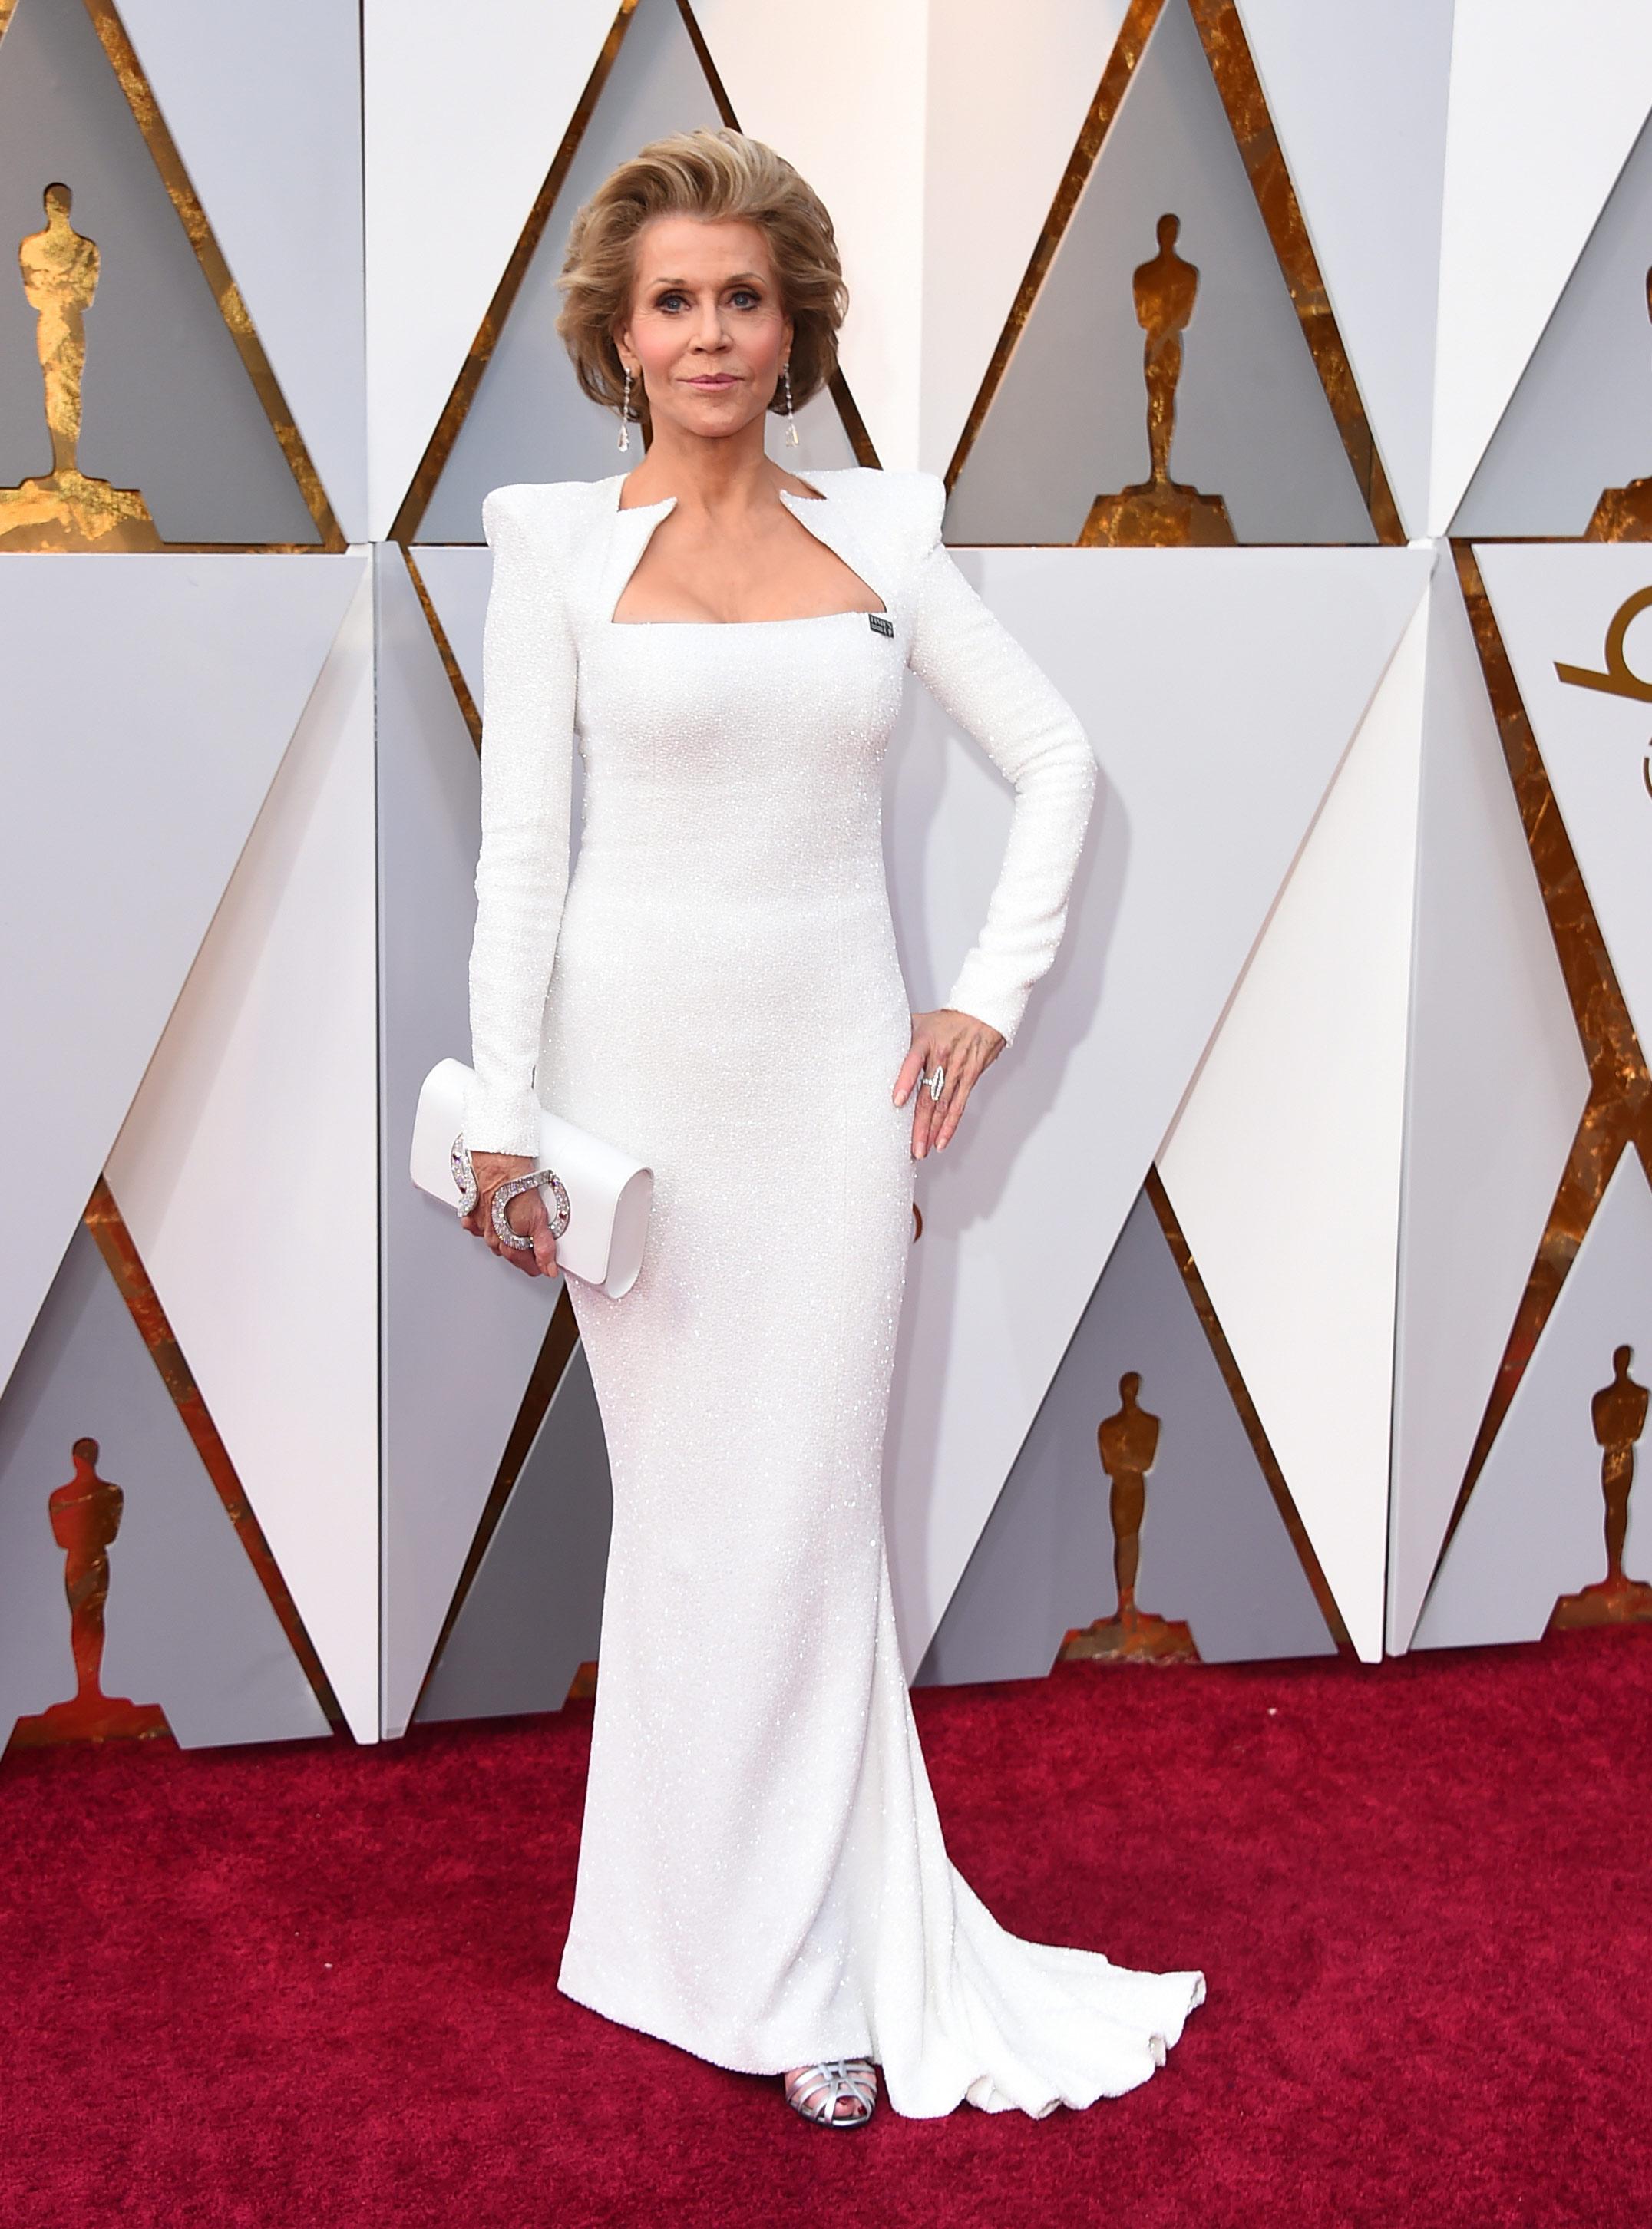 Jane Fonda, un ejemplo de elegancia a los 80 años, enfundada en un vestido blanco con chaqueta a tono de Balmain. (The Associated Press)